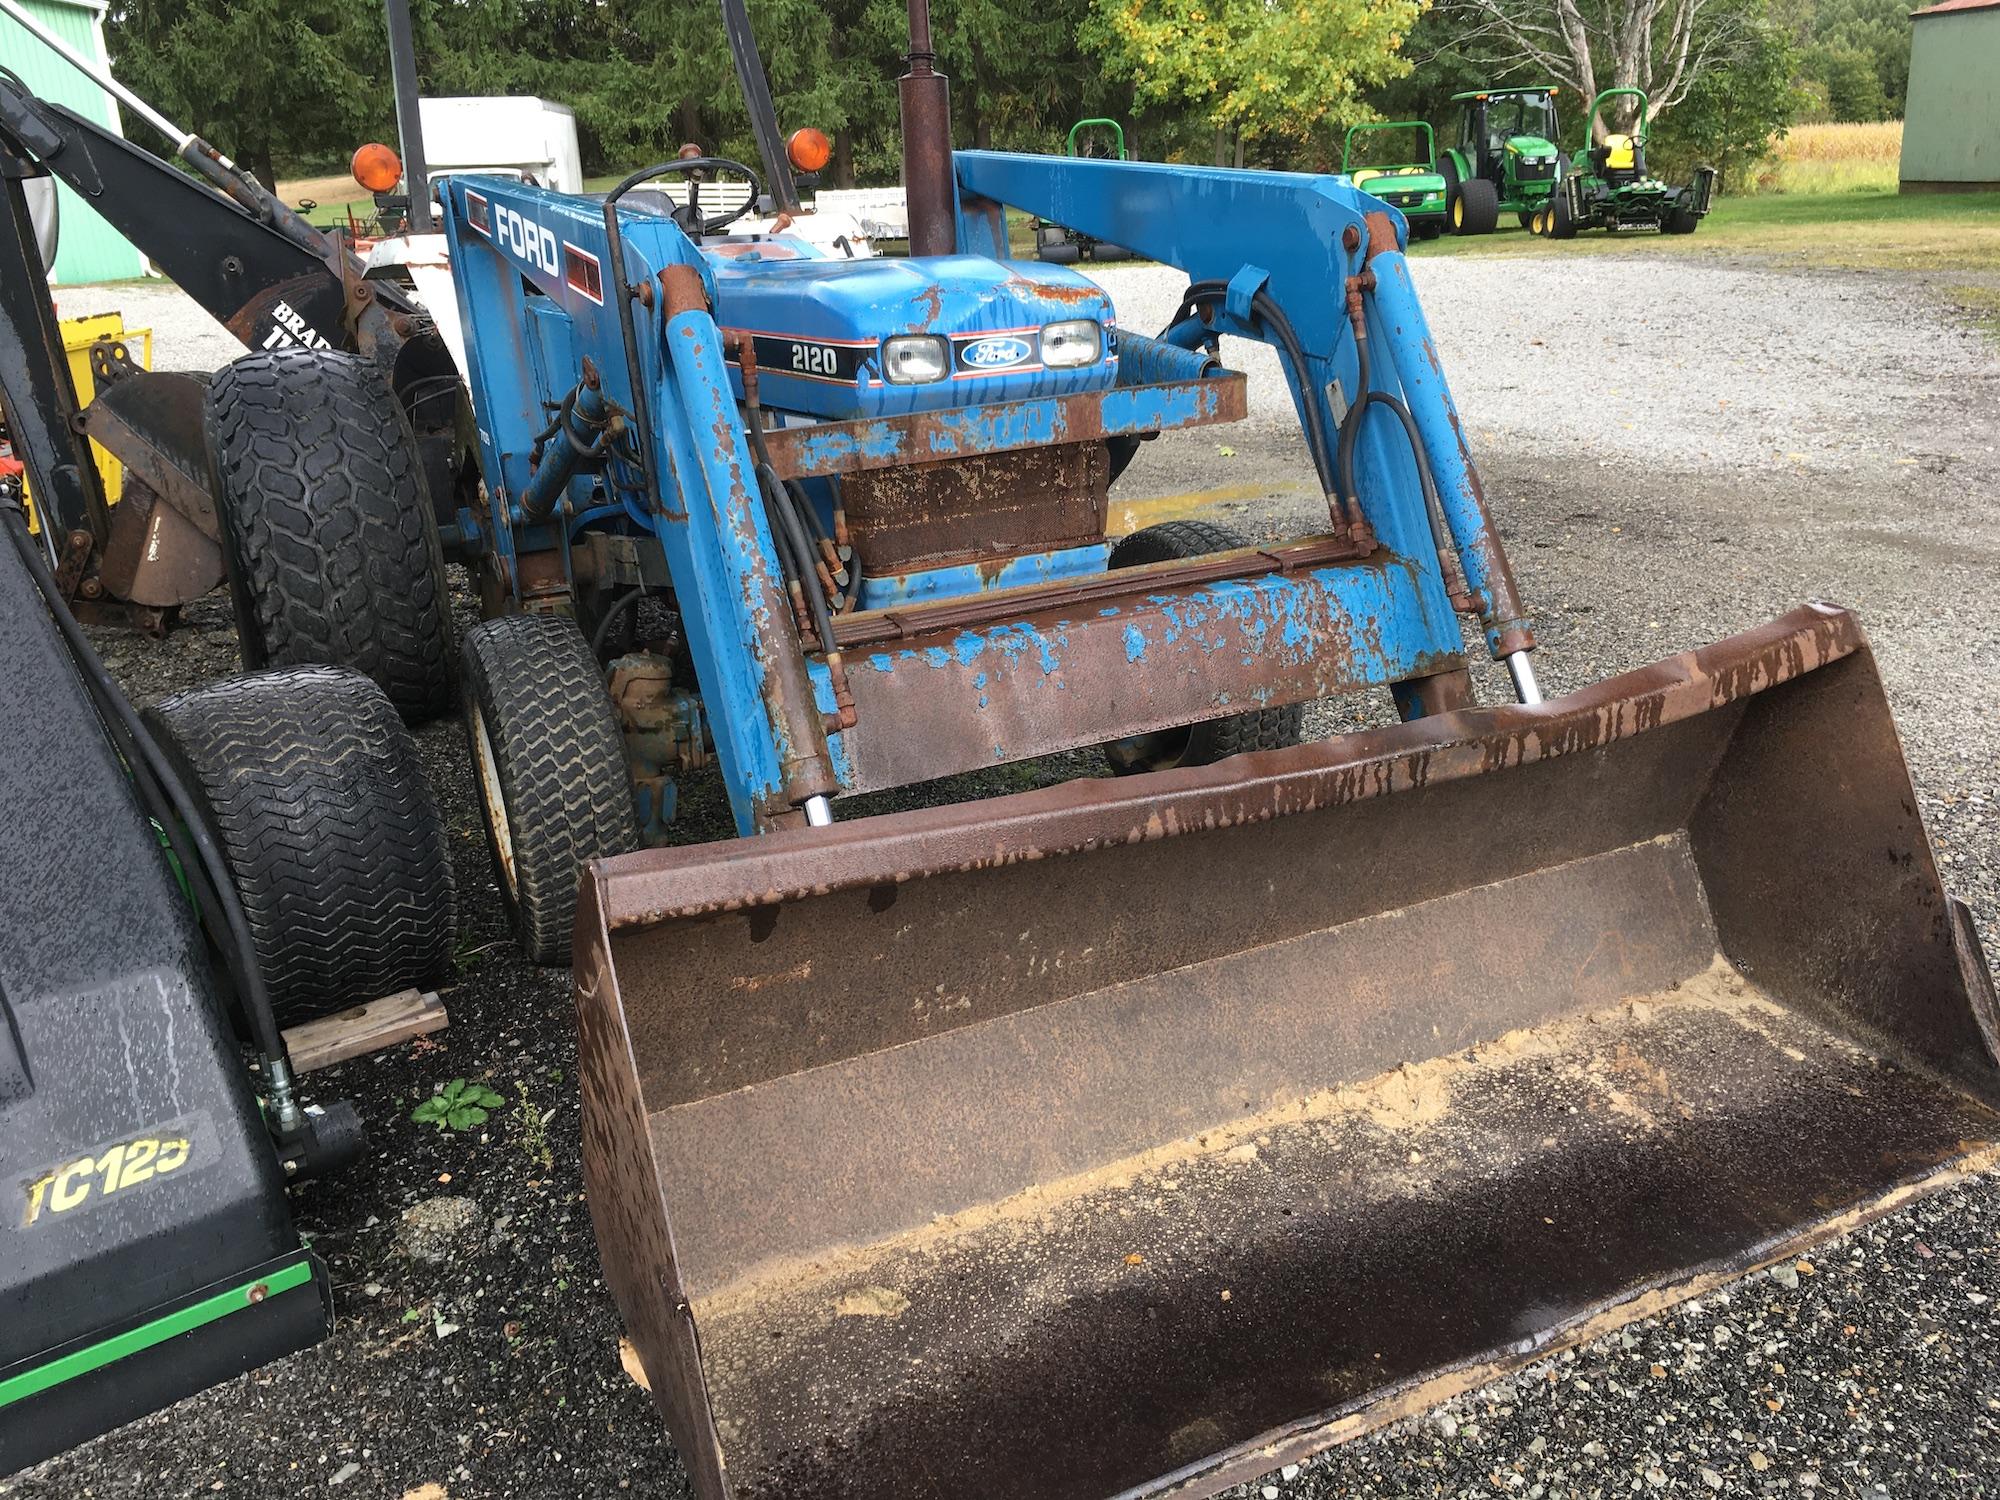 Ford-2120-Tractor-Loader-Backhoe-03